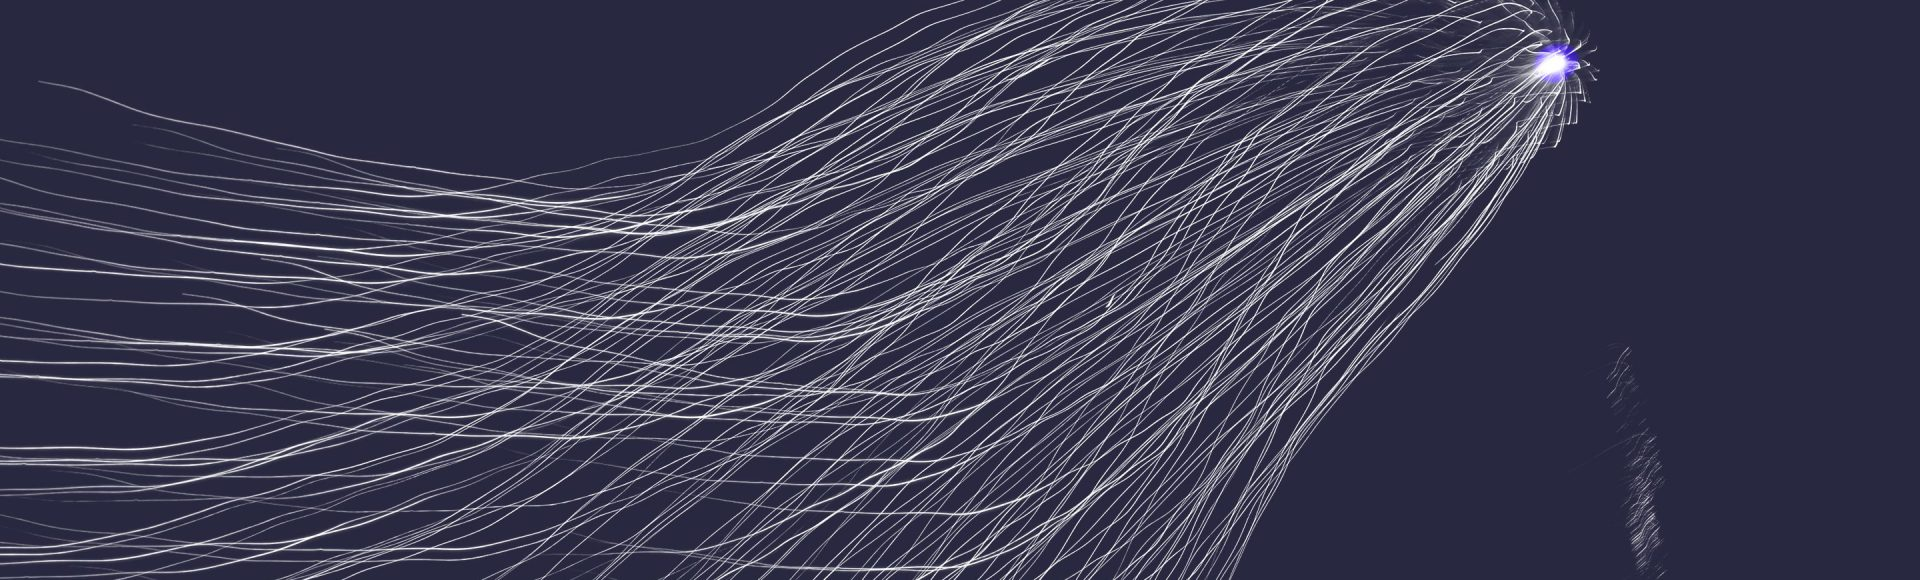 ARK-Invest_Blog-Banner_2020_05_06---AI Chips